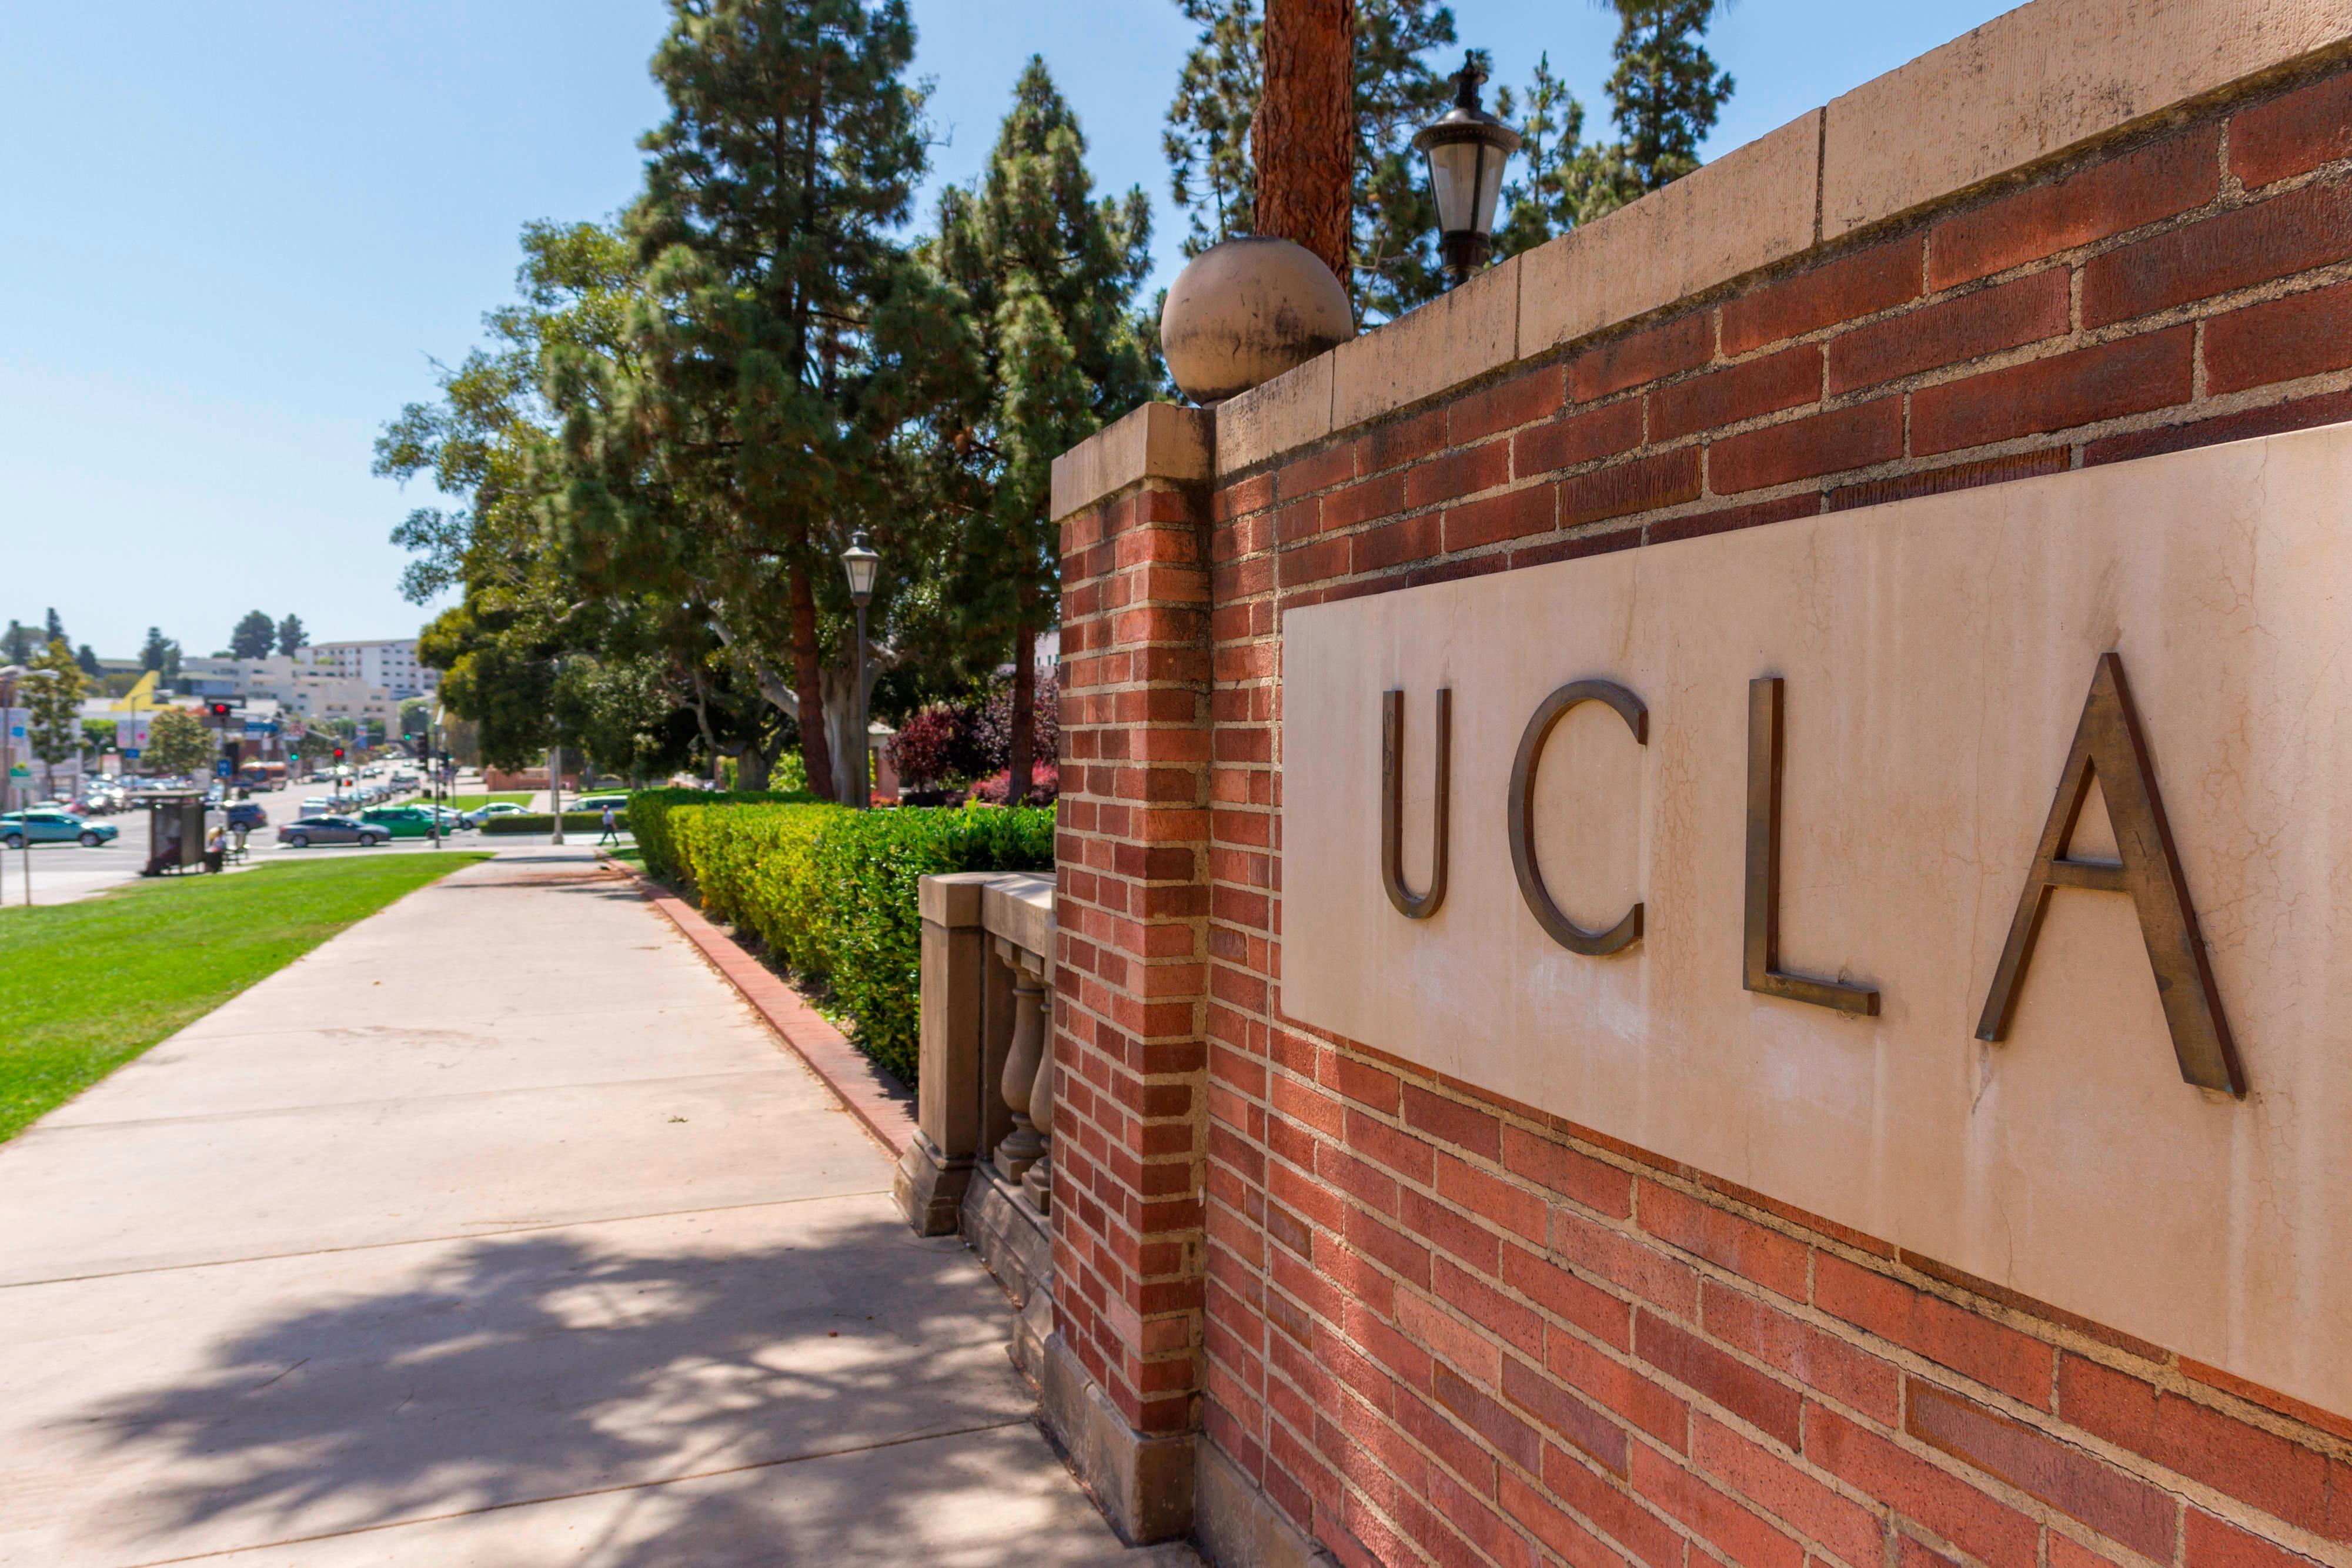 Hotel cerca de la UCLA